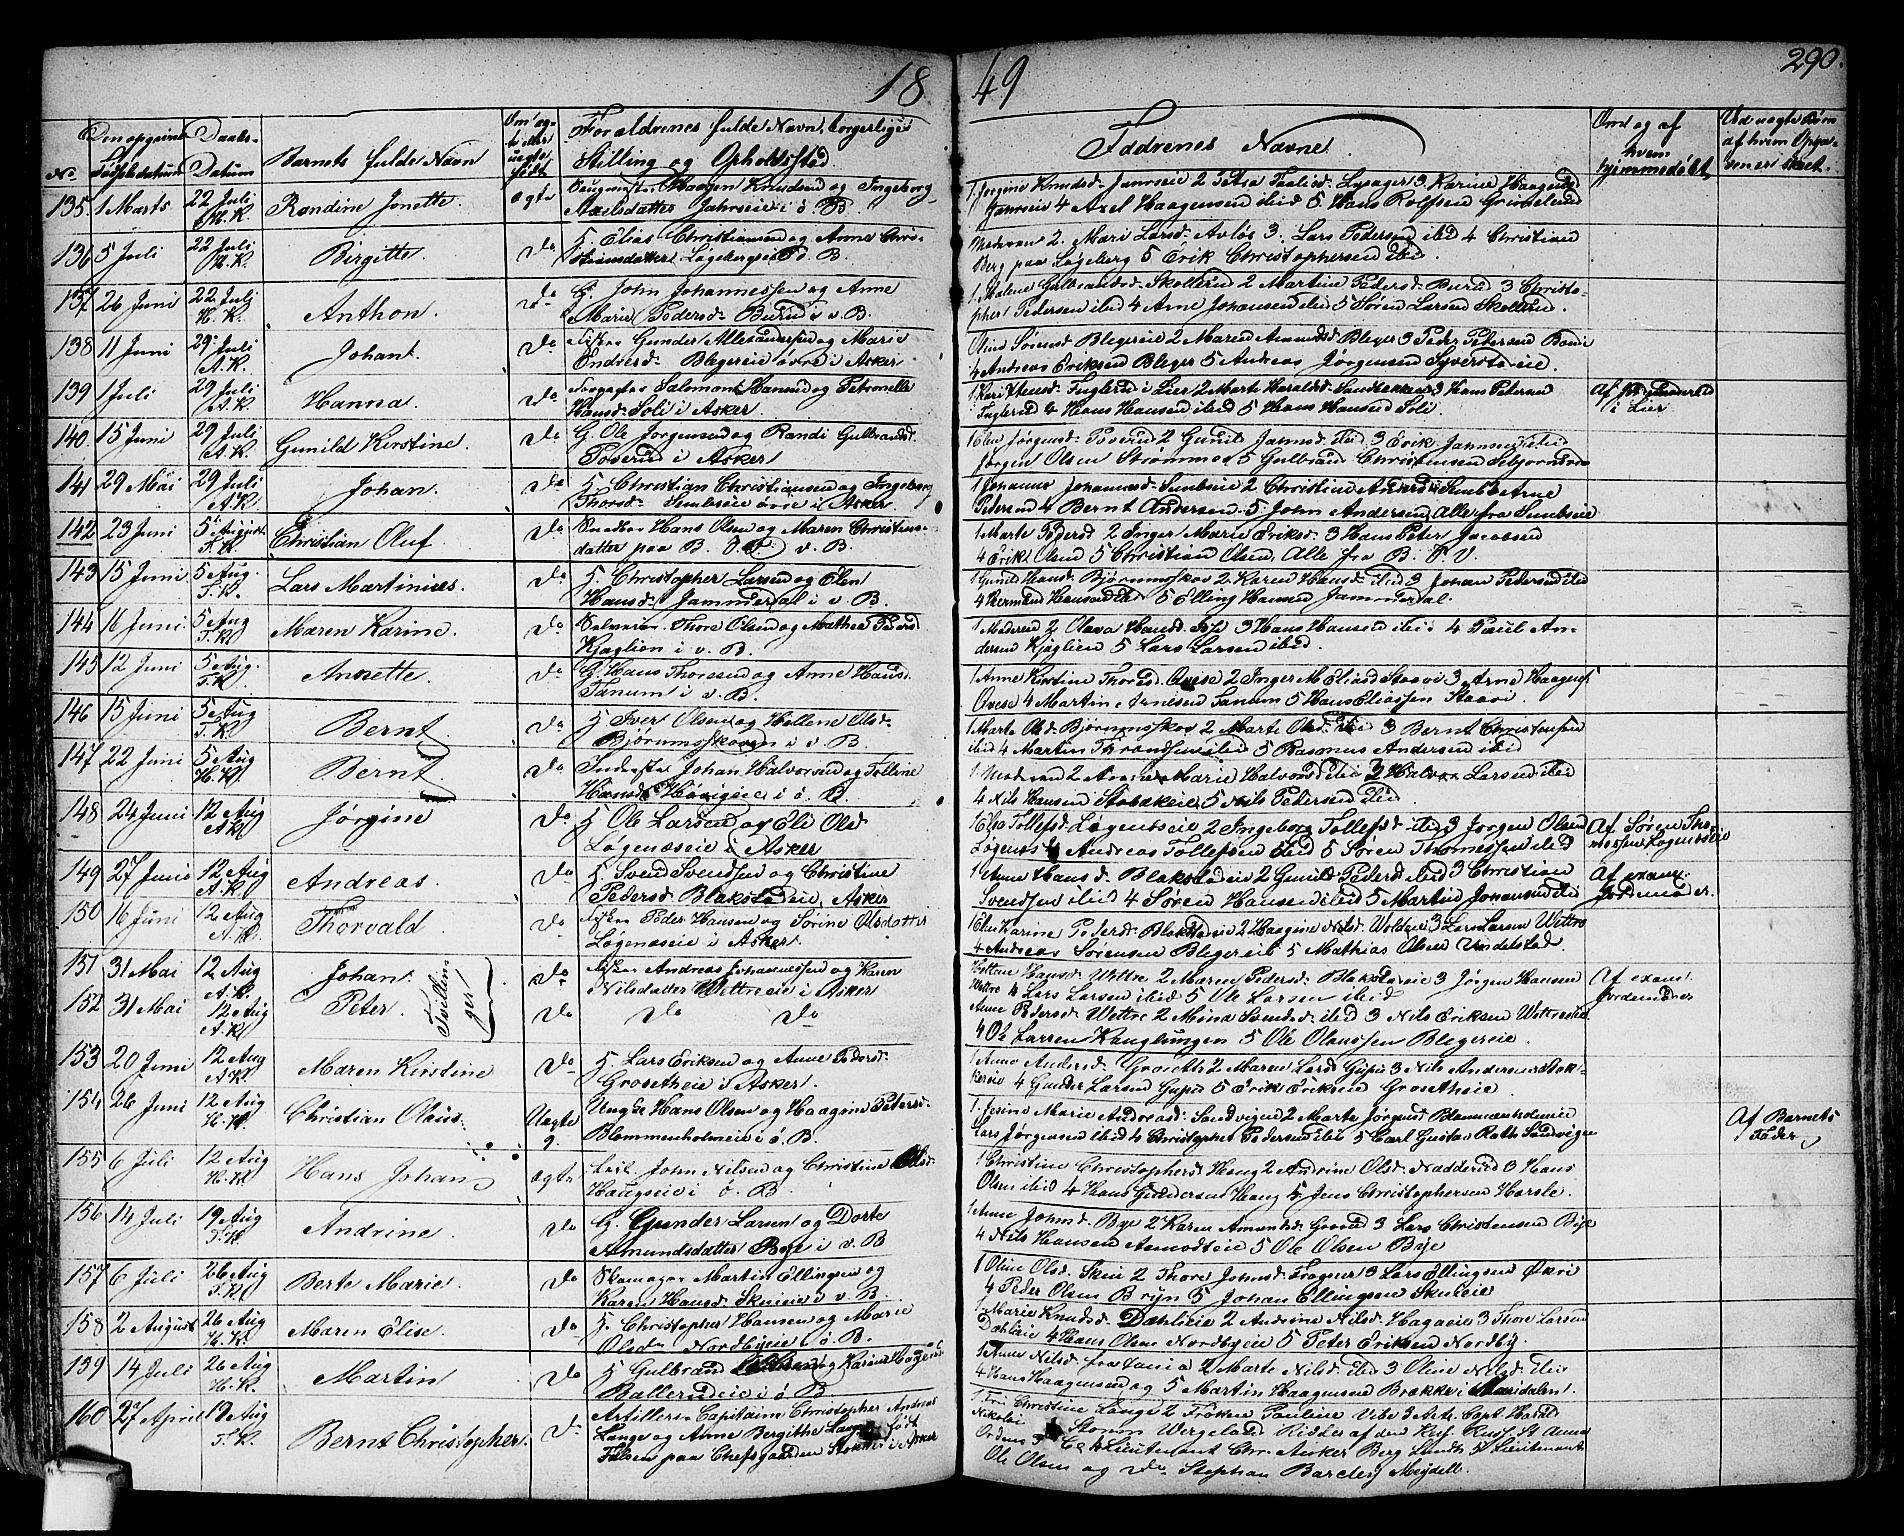 SAO, Asker prestekontor Kirkebøker, F/Fa/L0007: Ministerialbok nr. I 7, 1825-1864, s. 290